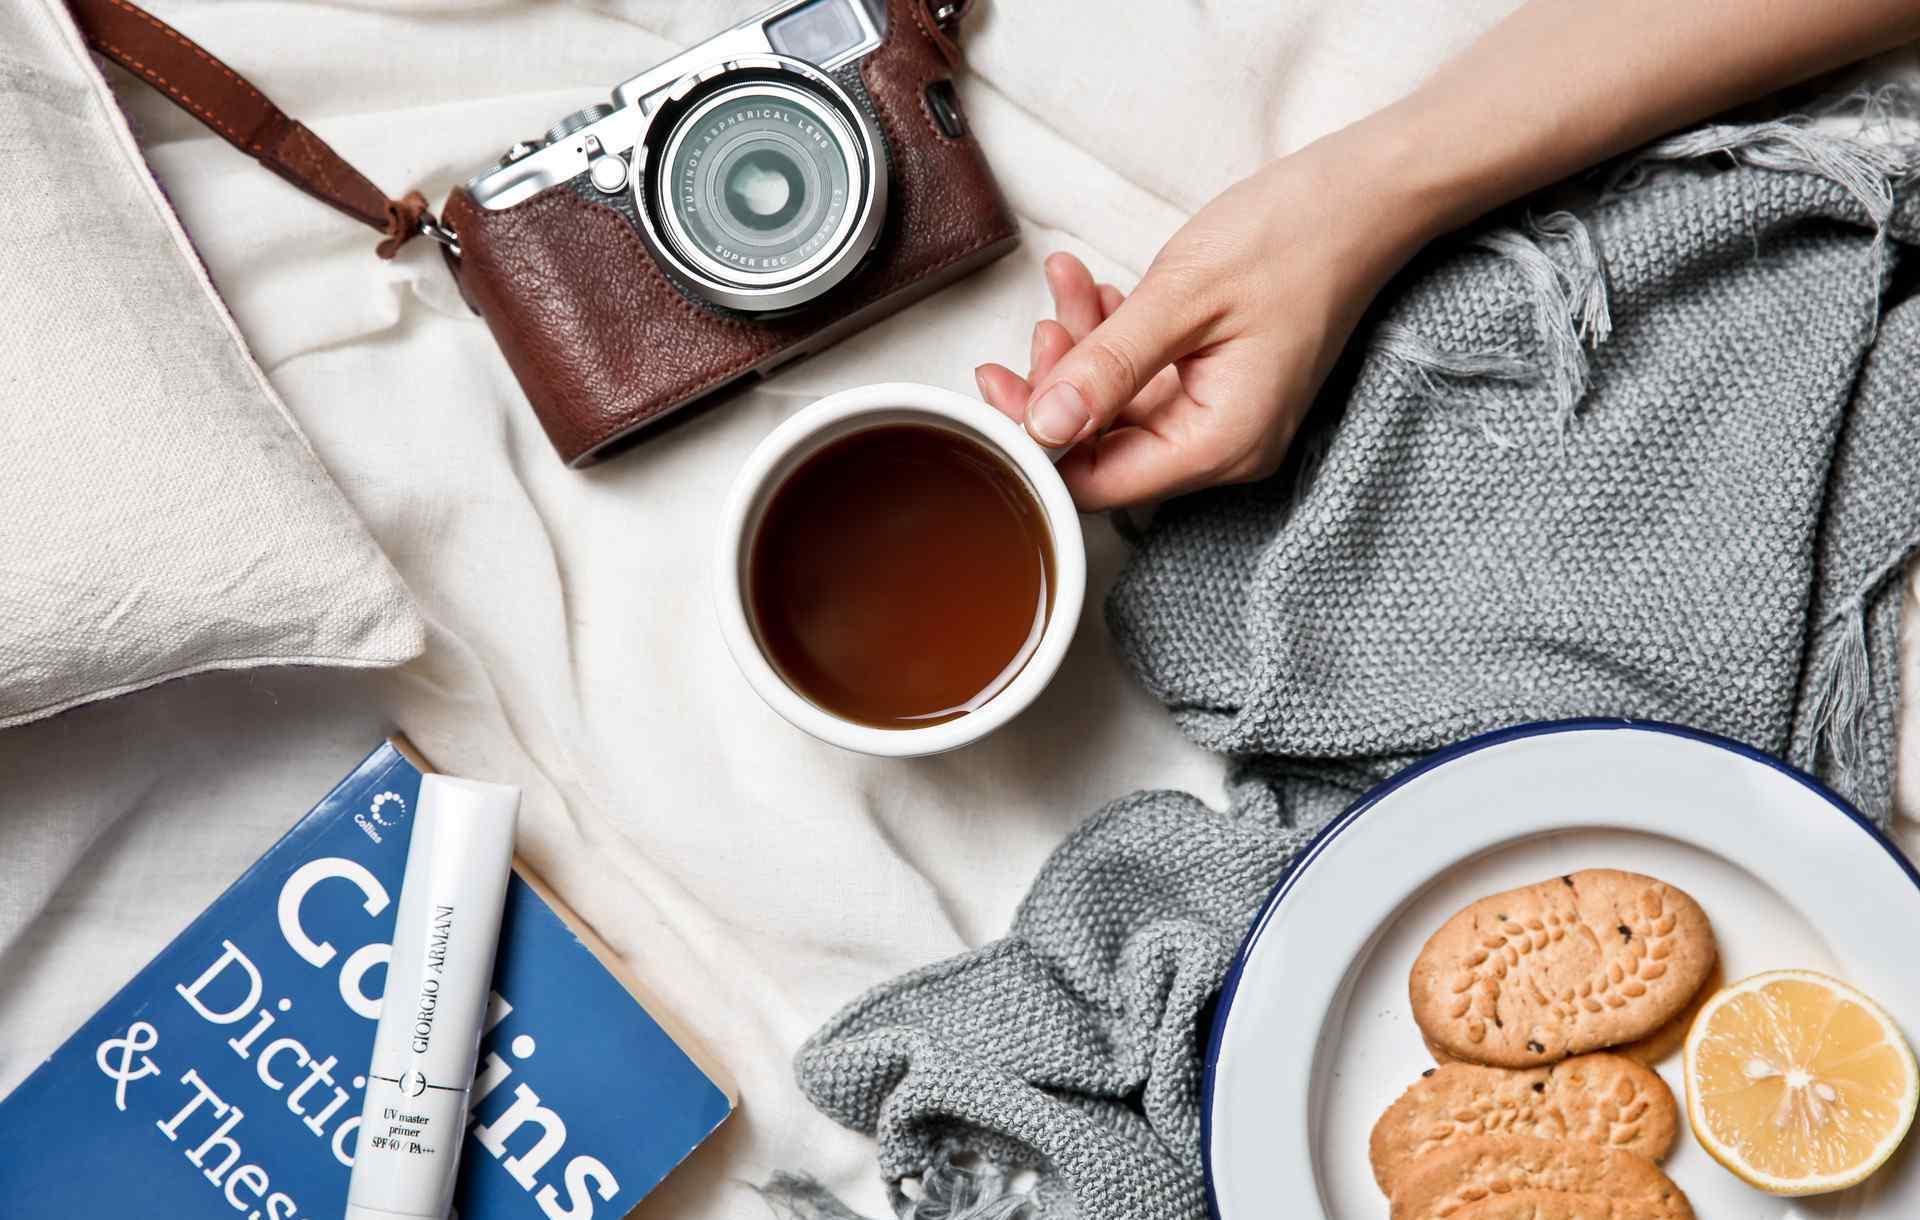 孕妇可以喝咖啡 国外孕妇为什么可以喝咖啡